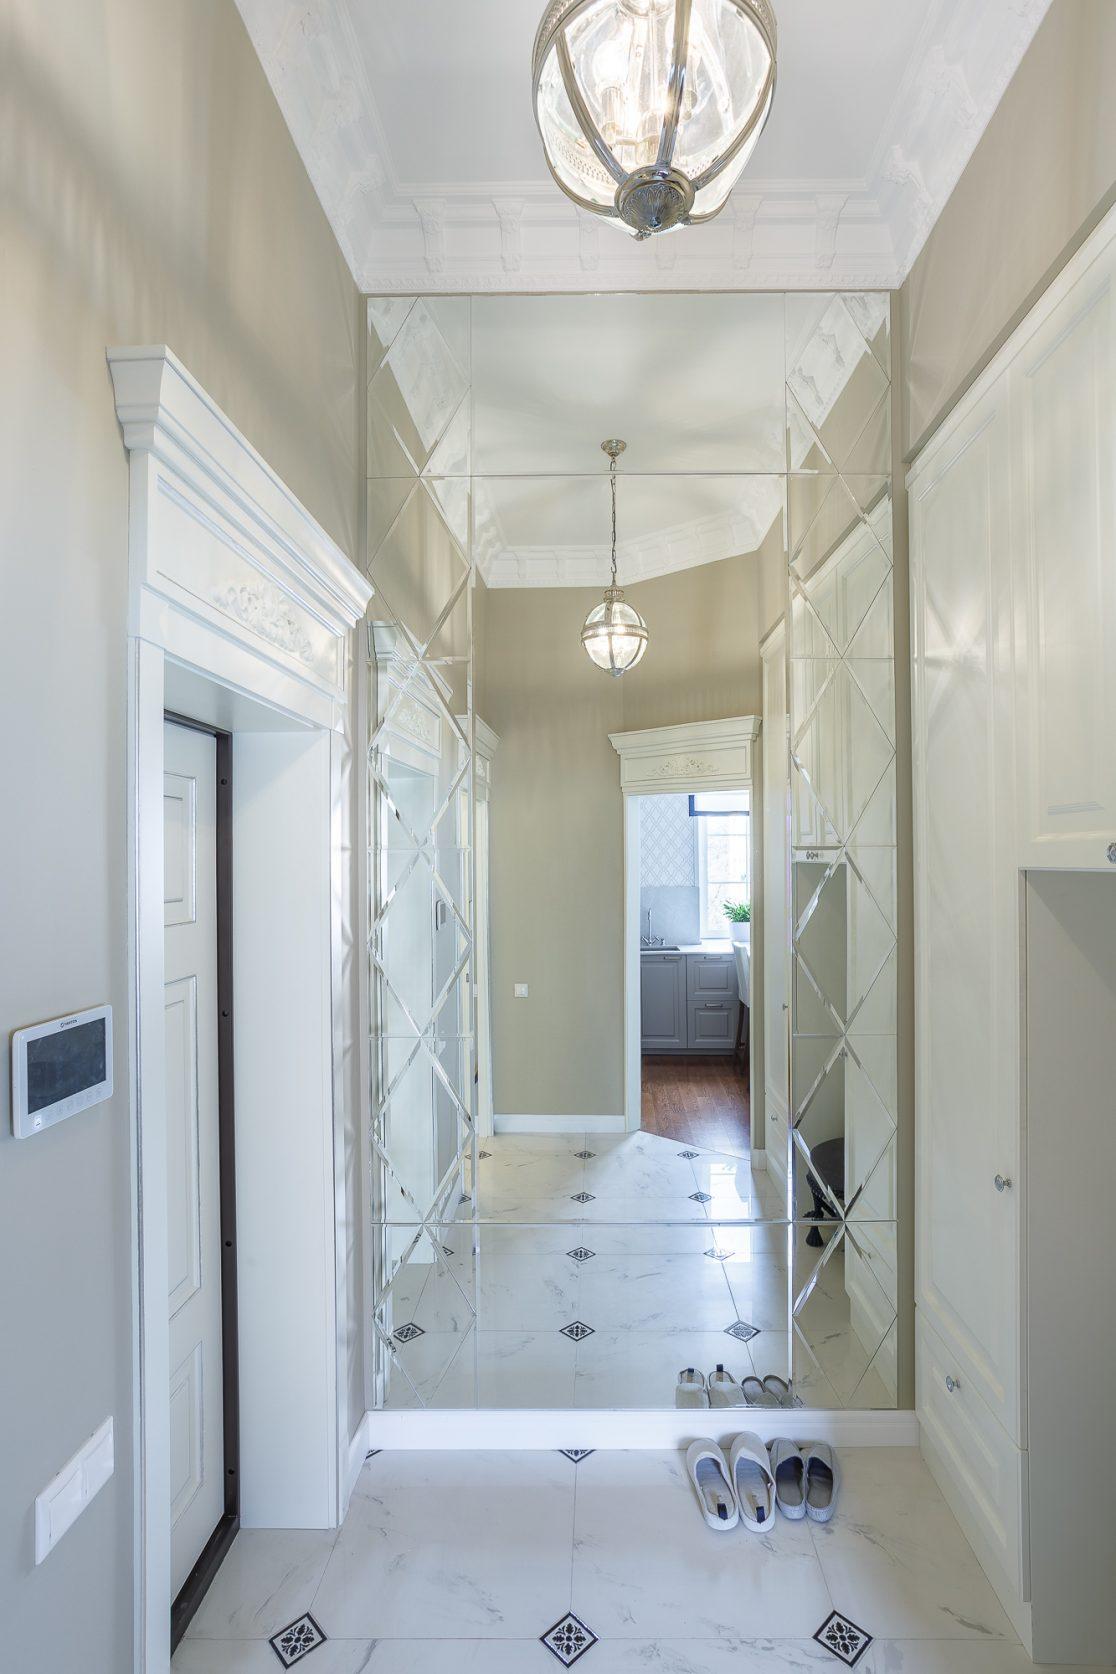 Дизайн интерьера небольшого частного дома